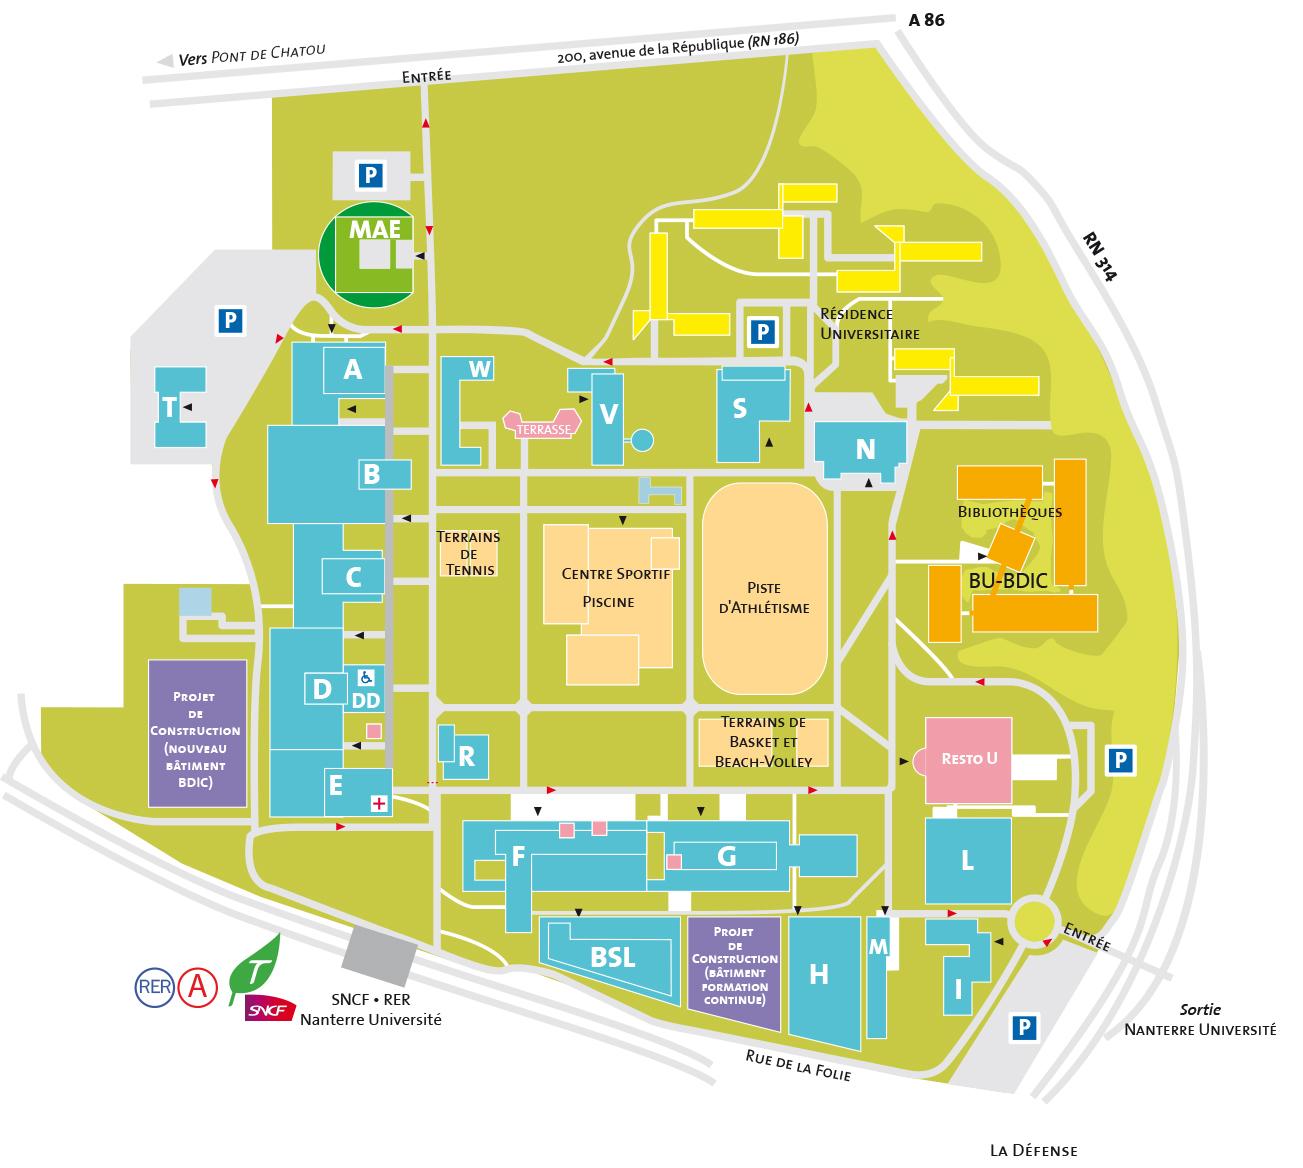 Plan de l'Université